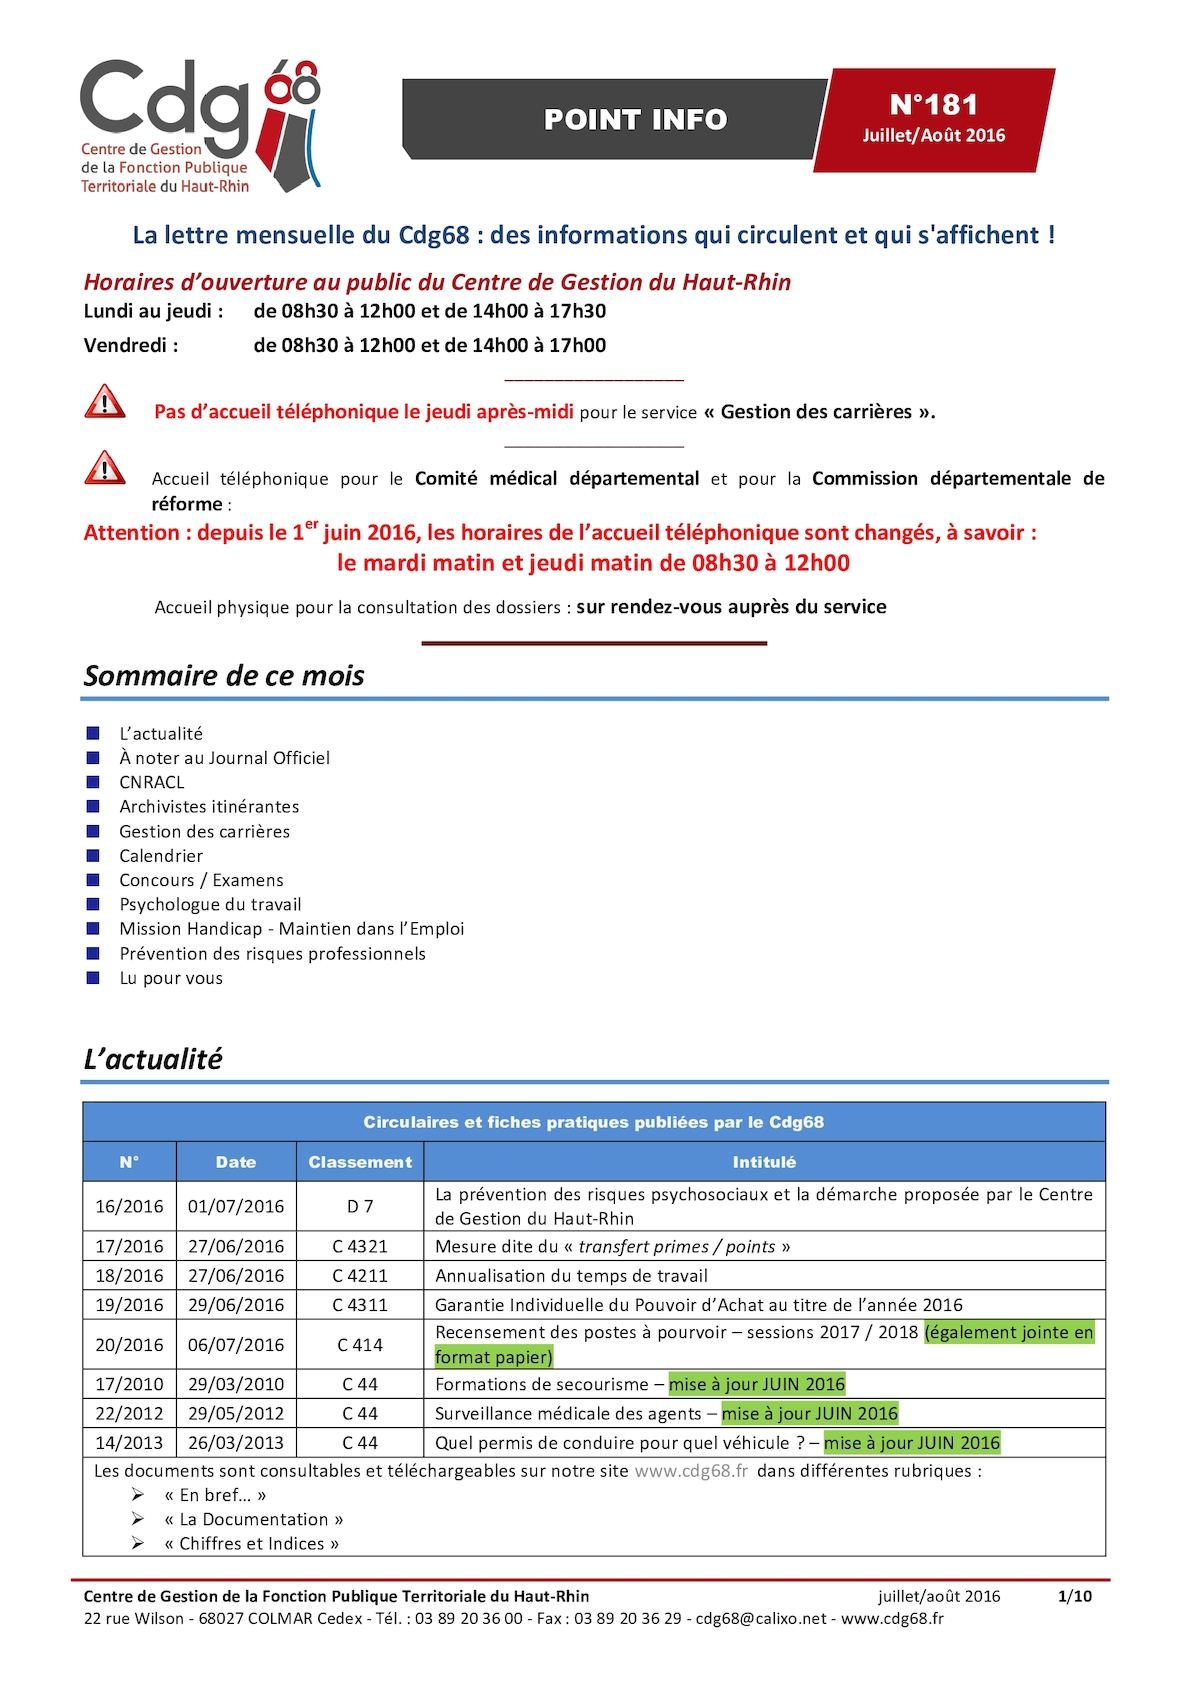 4bd989f8cb7 Calaméo - Point Info Cdg Haut Rhin